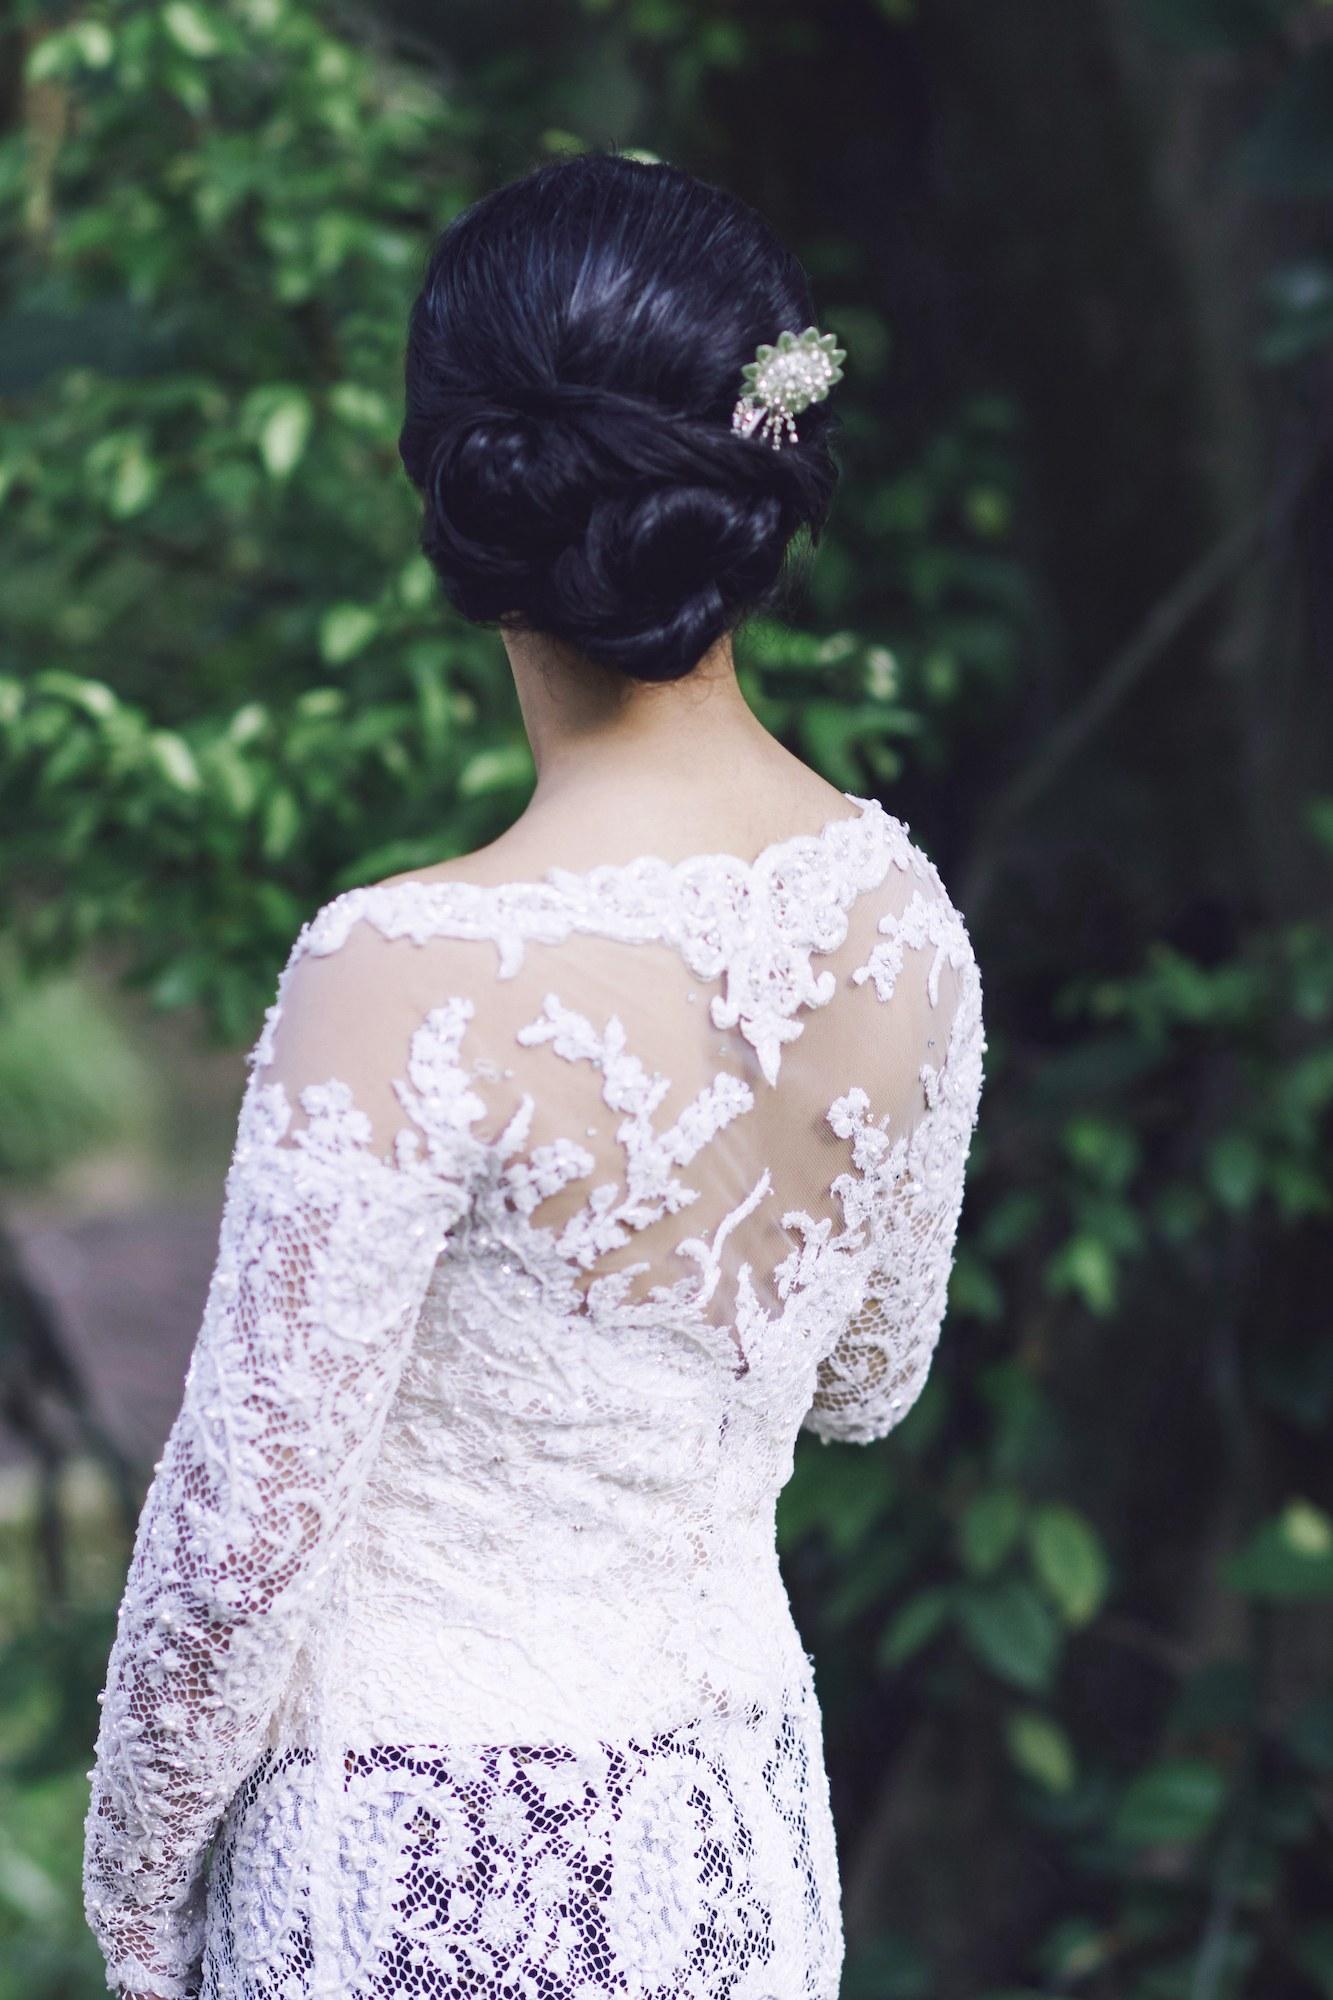 Wanita asia dengan rambut hitam dan model rambut kebaya menggunakan kebaya dengan aksesoris bunga